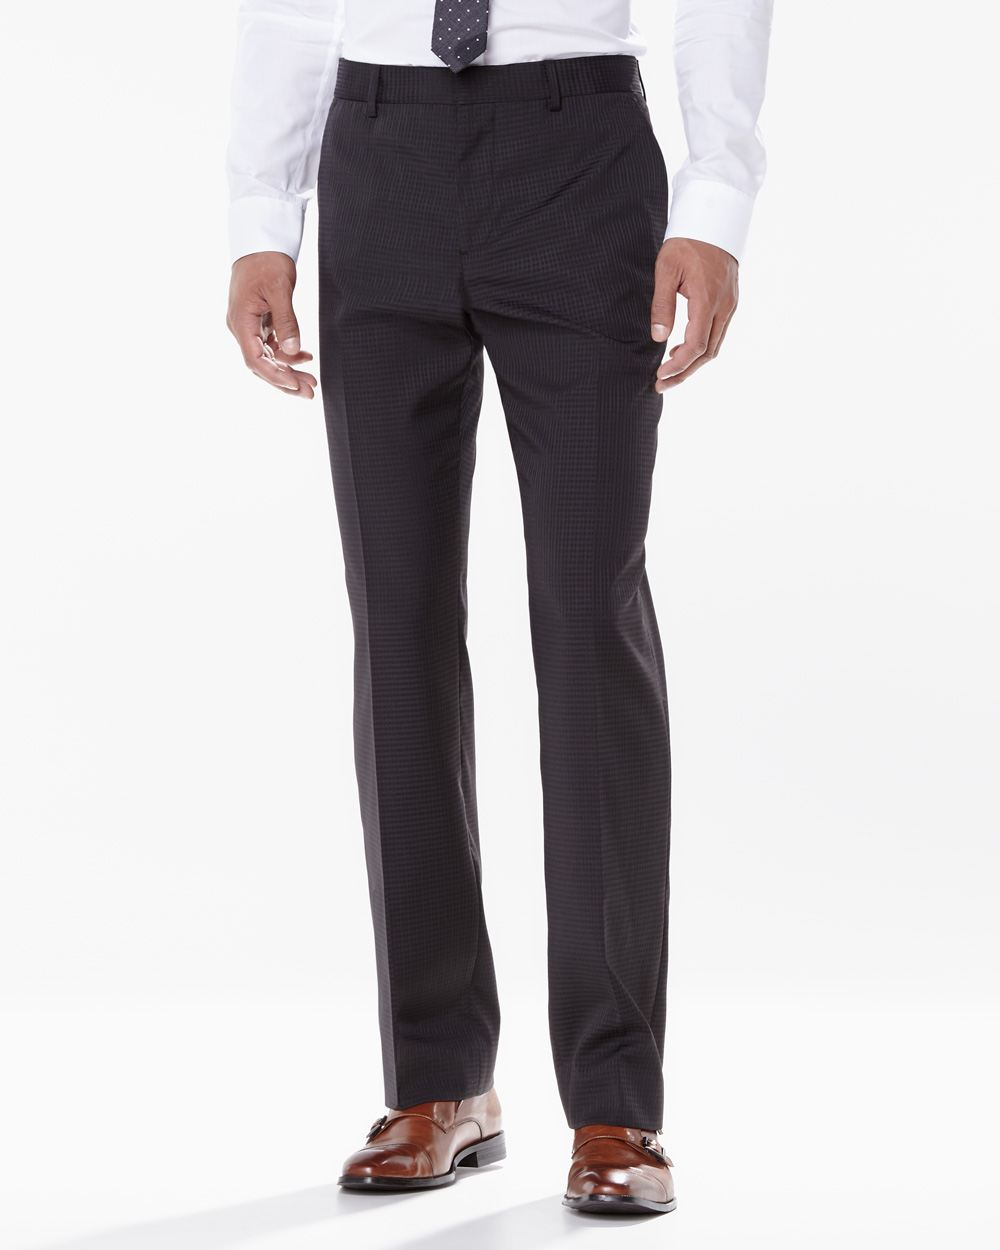 Pantalon preston carreaux textur s r gulier rw co for Pantalon a carreaux